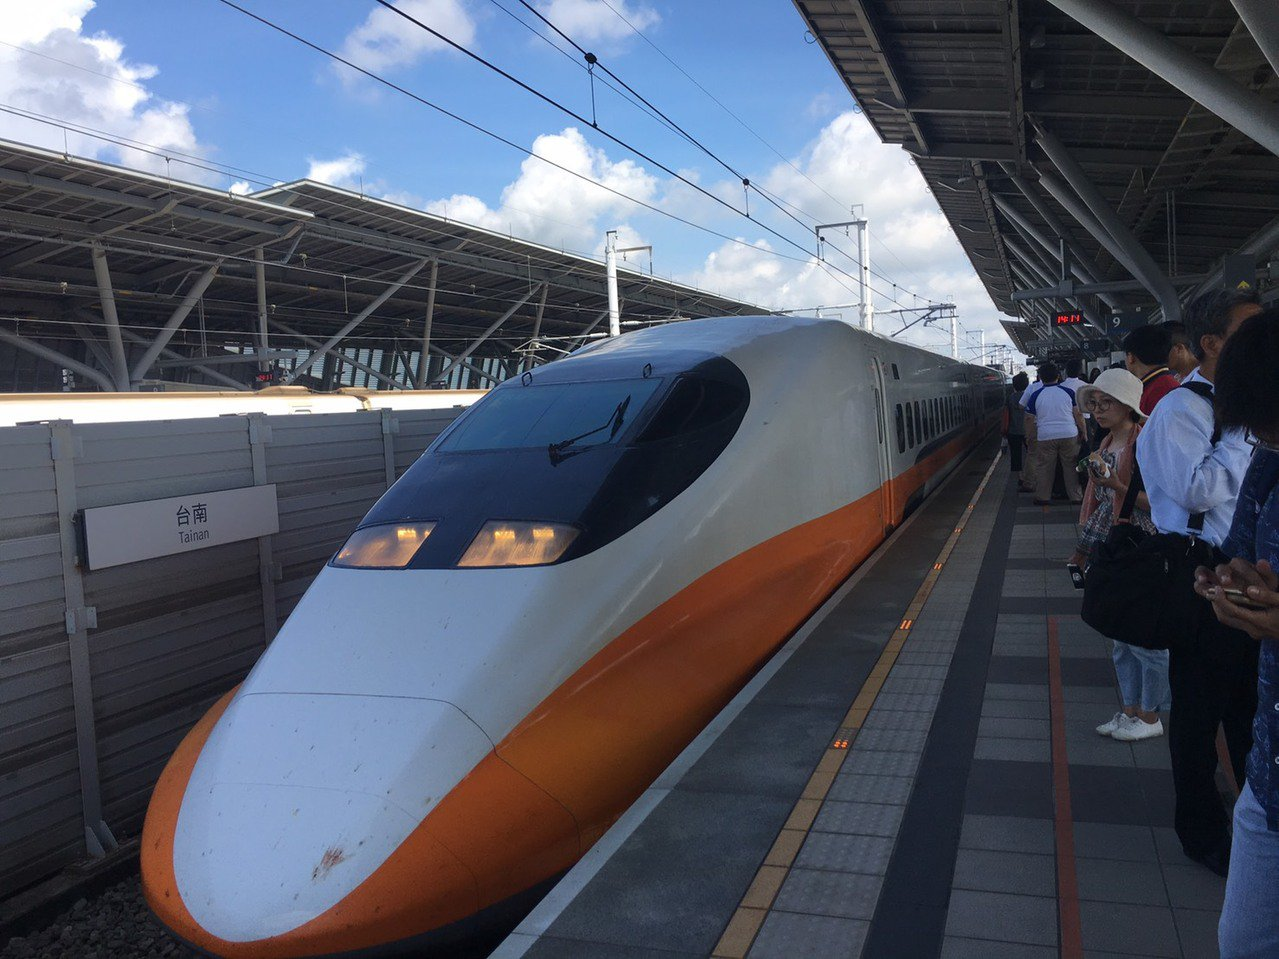 台灣高鐵2018元旦疏運期間,將於12月29日(五)至1月2日(二)加開101班...